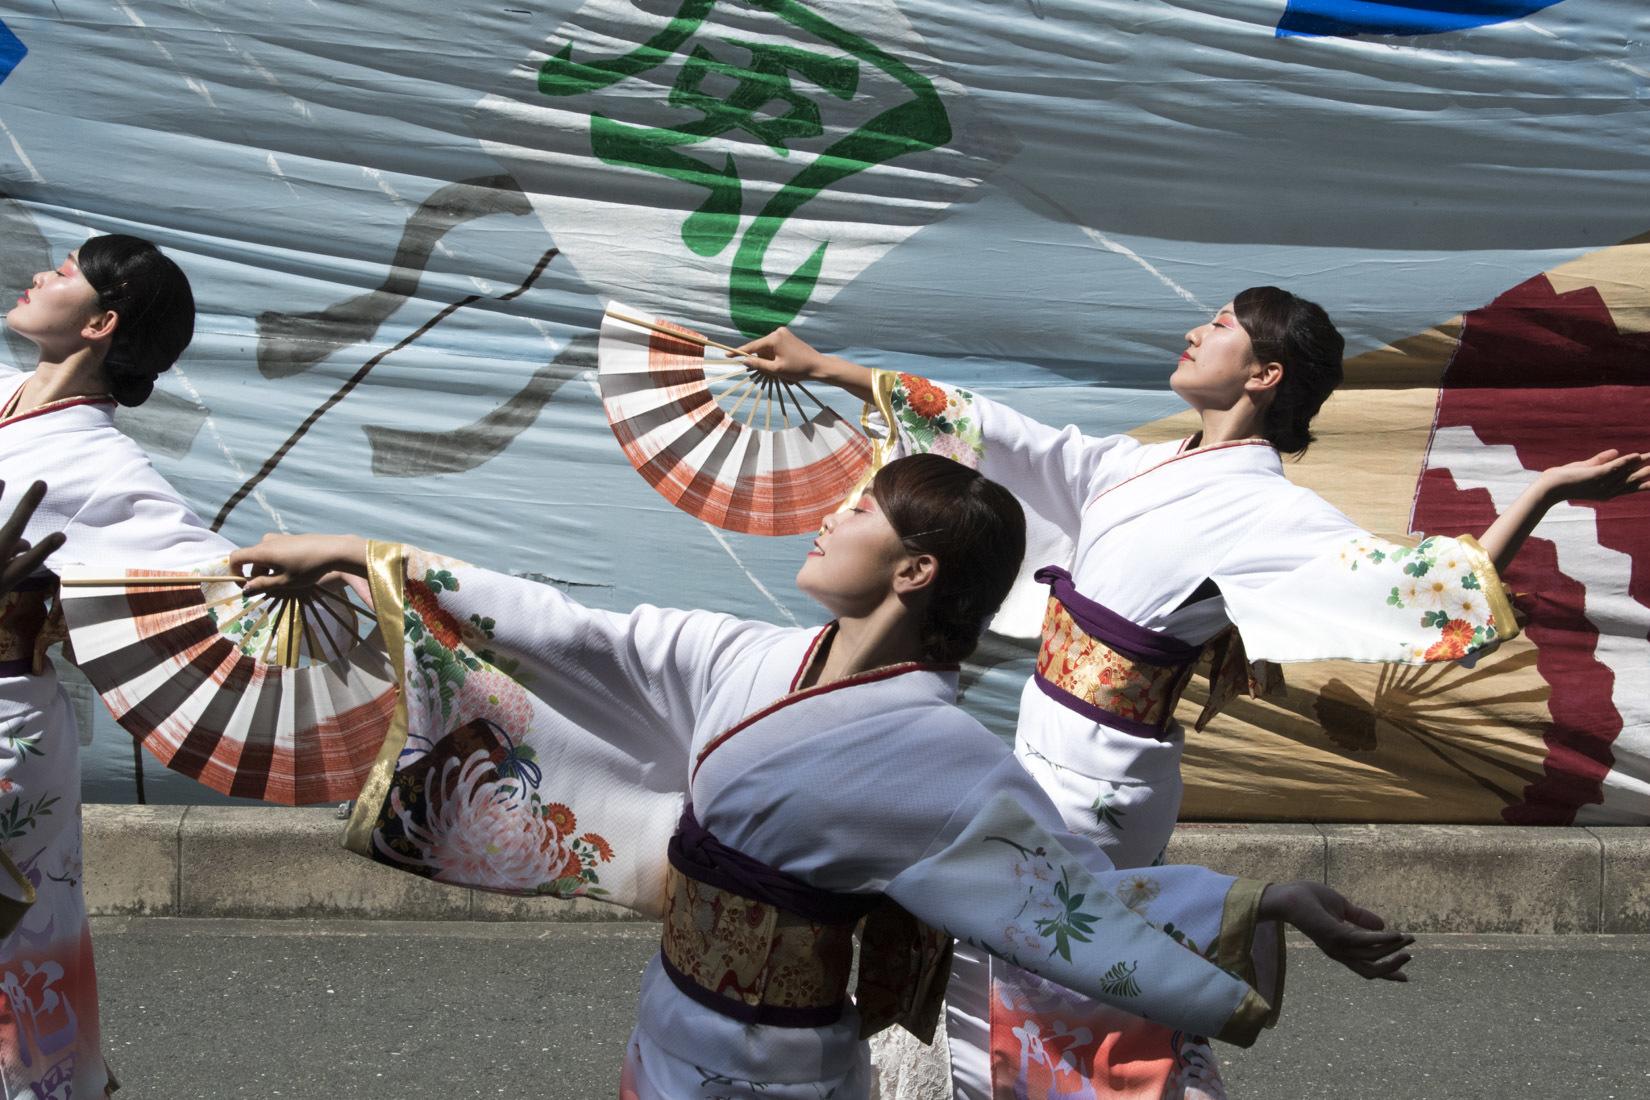 2019 よさこいin おいでん祭 『浜松学生連 鰻陀羅』_f0184198_22291460.jpg